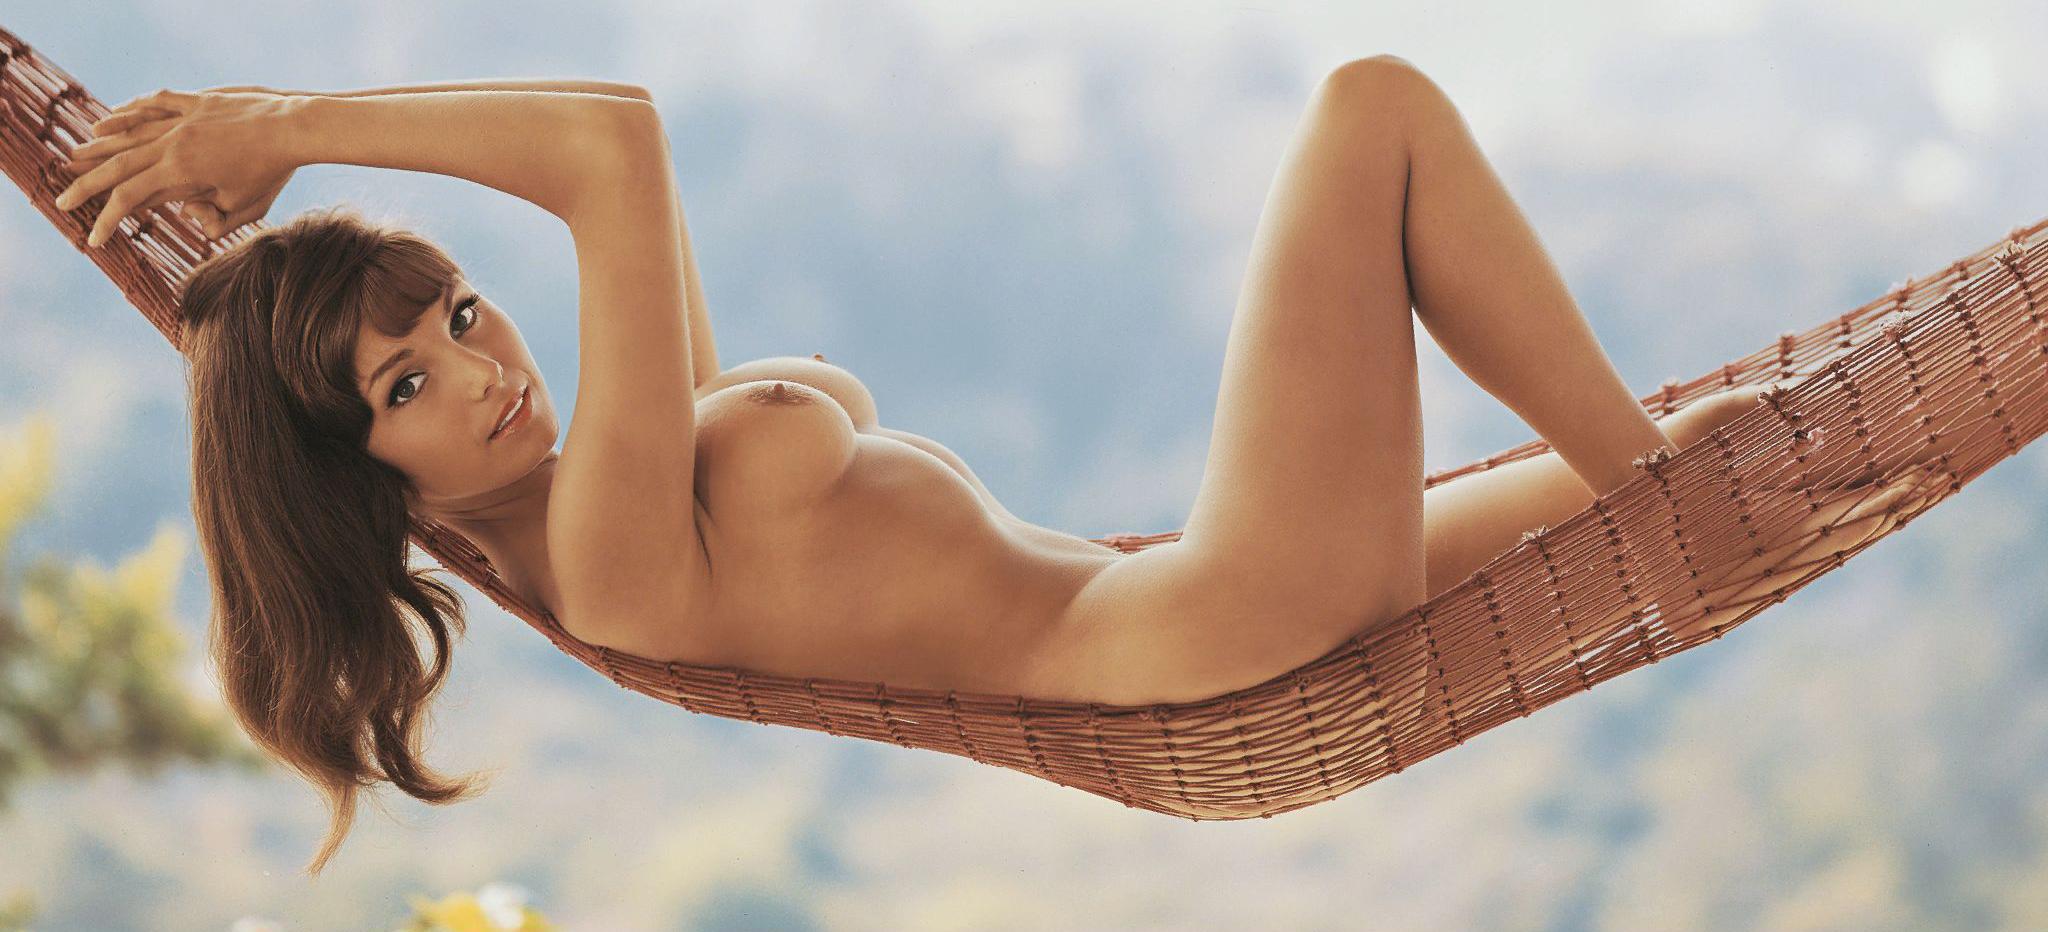 Фото из журнала голые девушки, PlayBoy бесплатные фото девушек 27 фотография